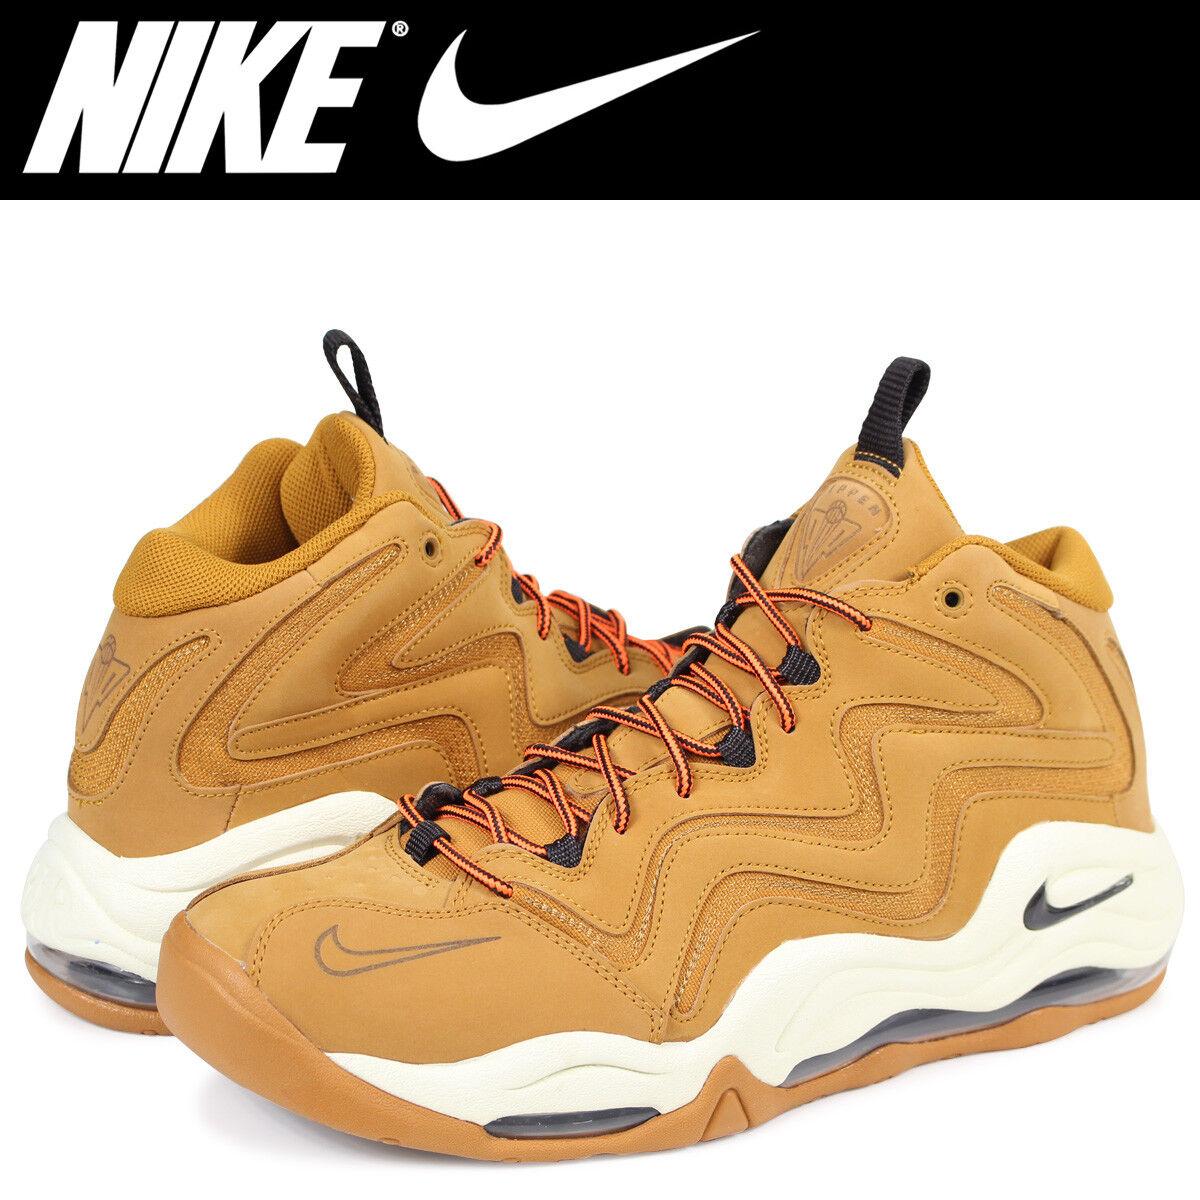 Nike air gomma max pippen 1 grano raccolto d'oro lino gomma air brown tan Uomo sz 11 scarpe 9e8573